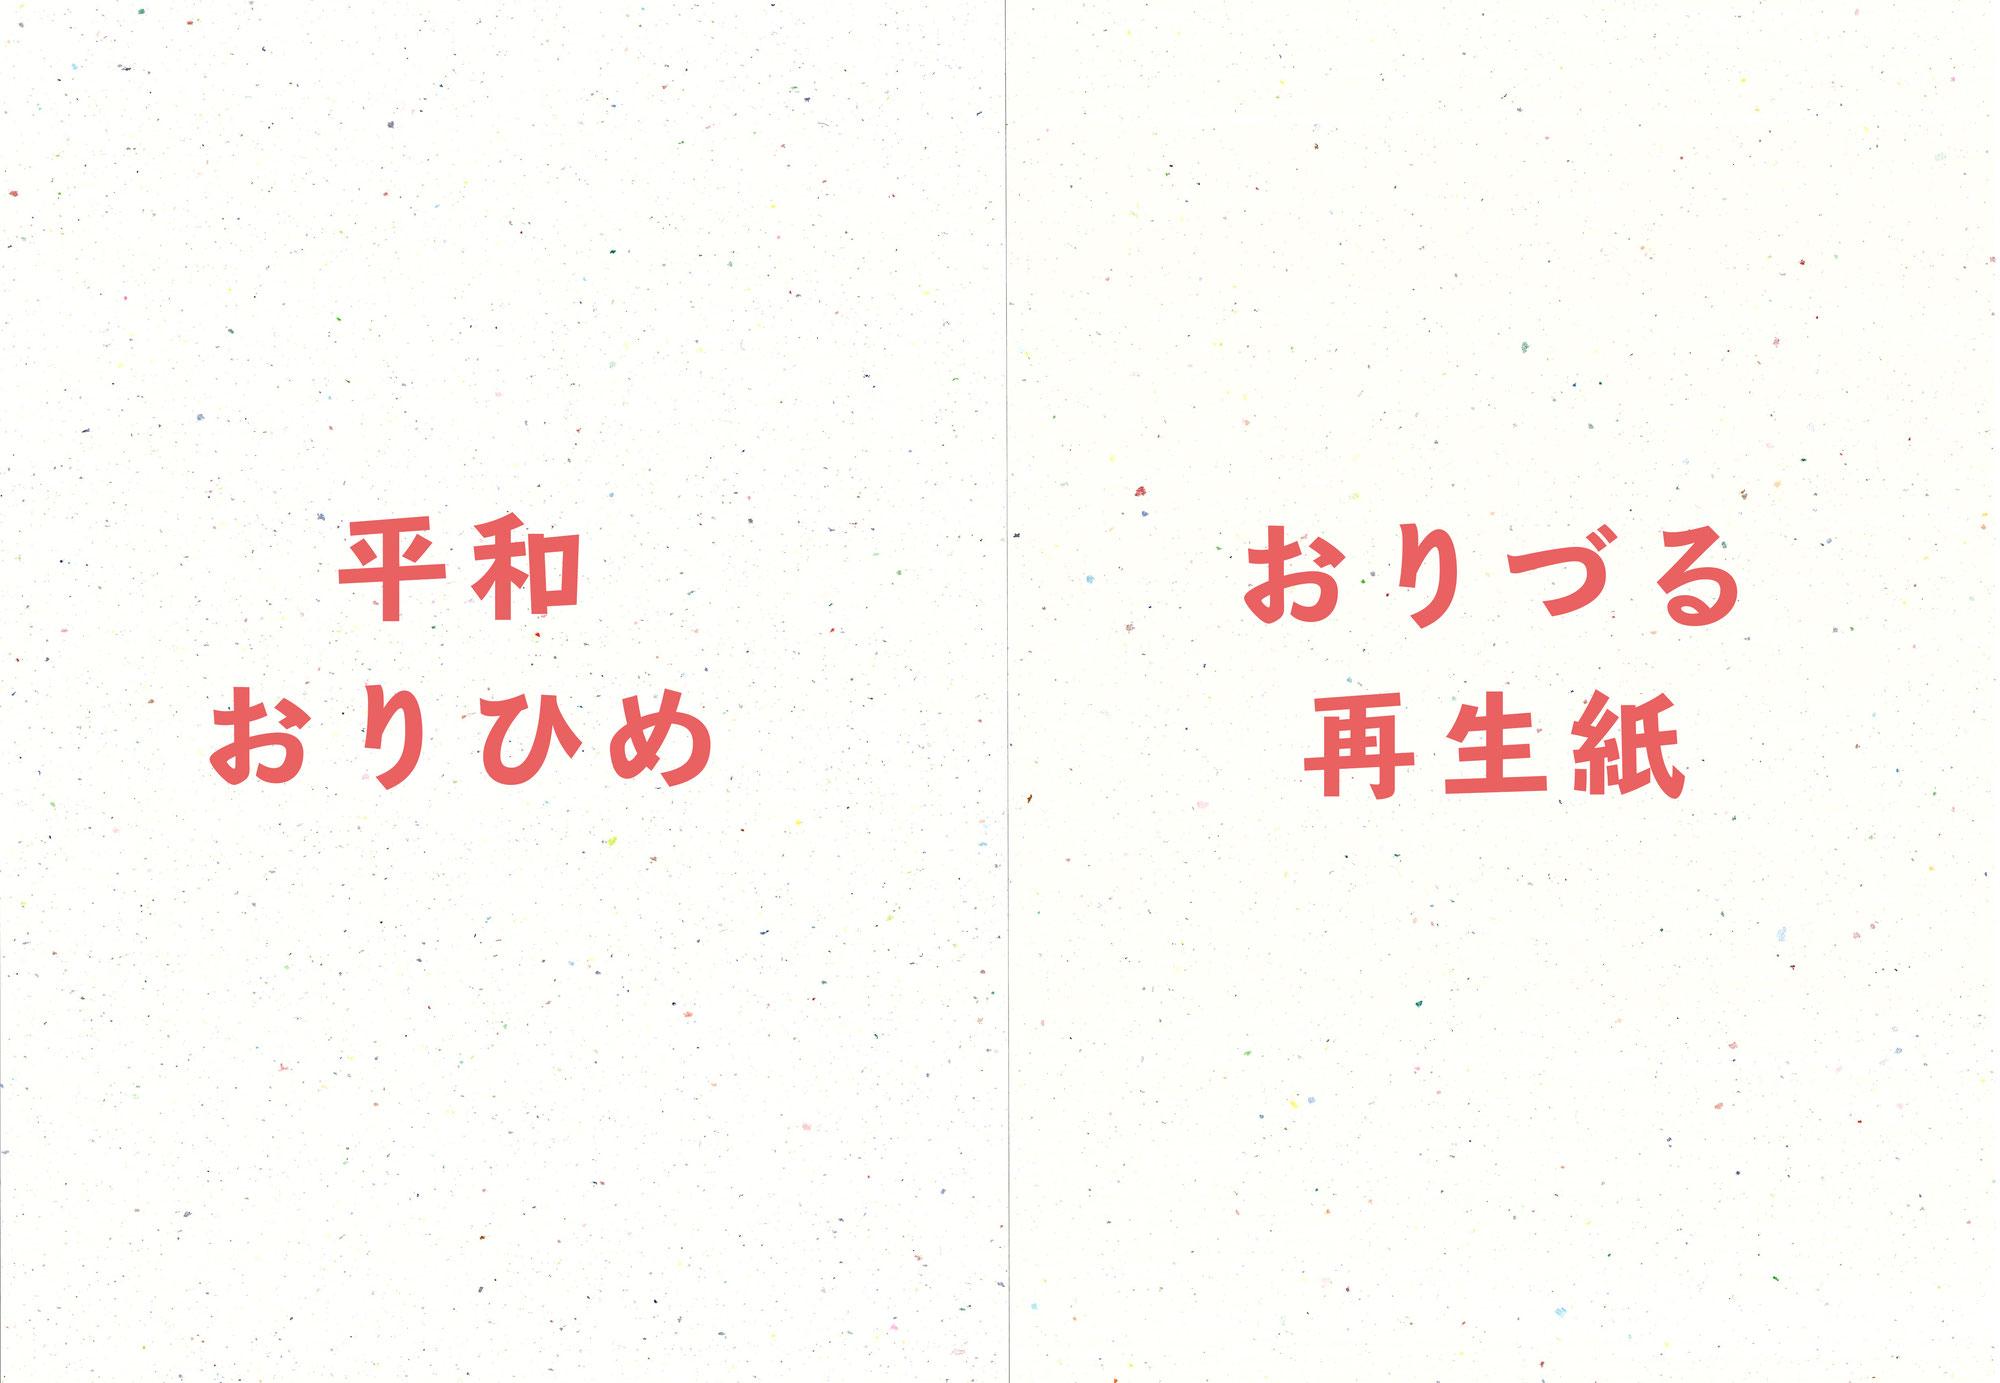 『平和おりひめ』と『おりづる再生紙』を比較してみた!